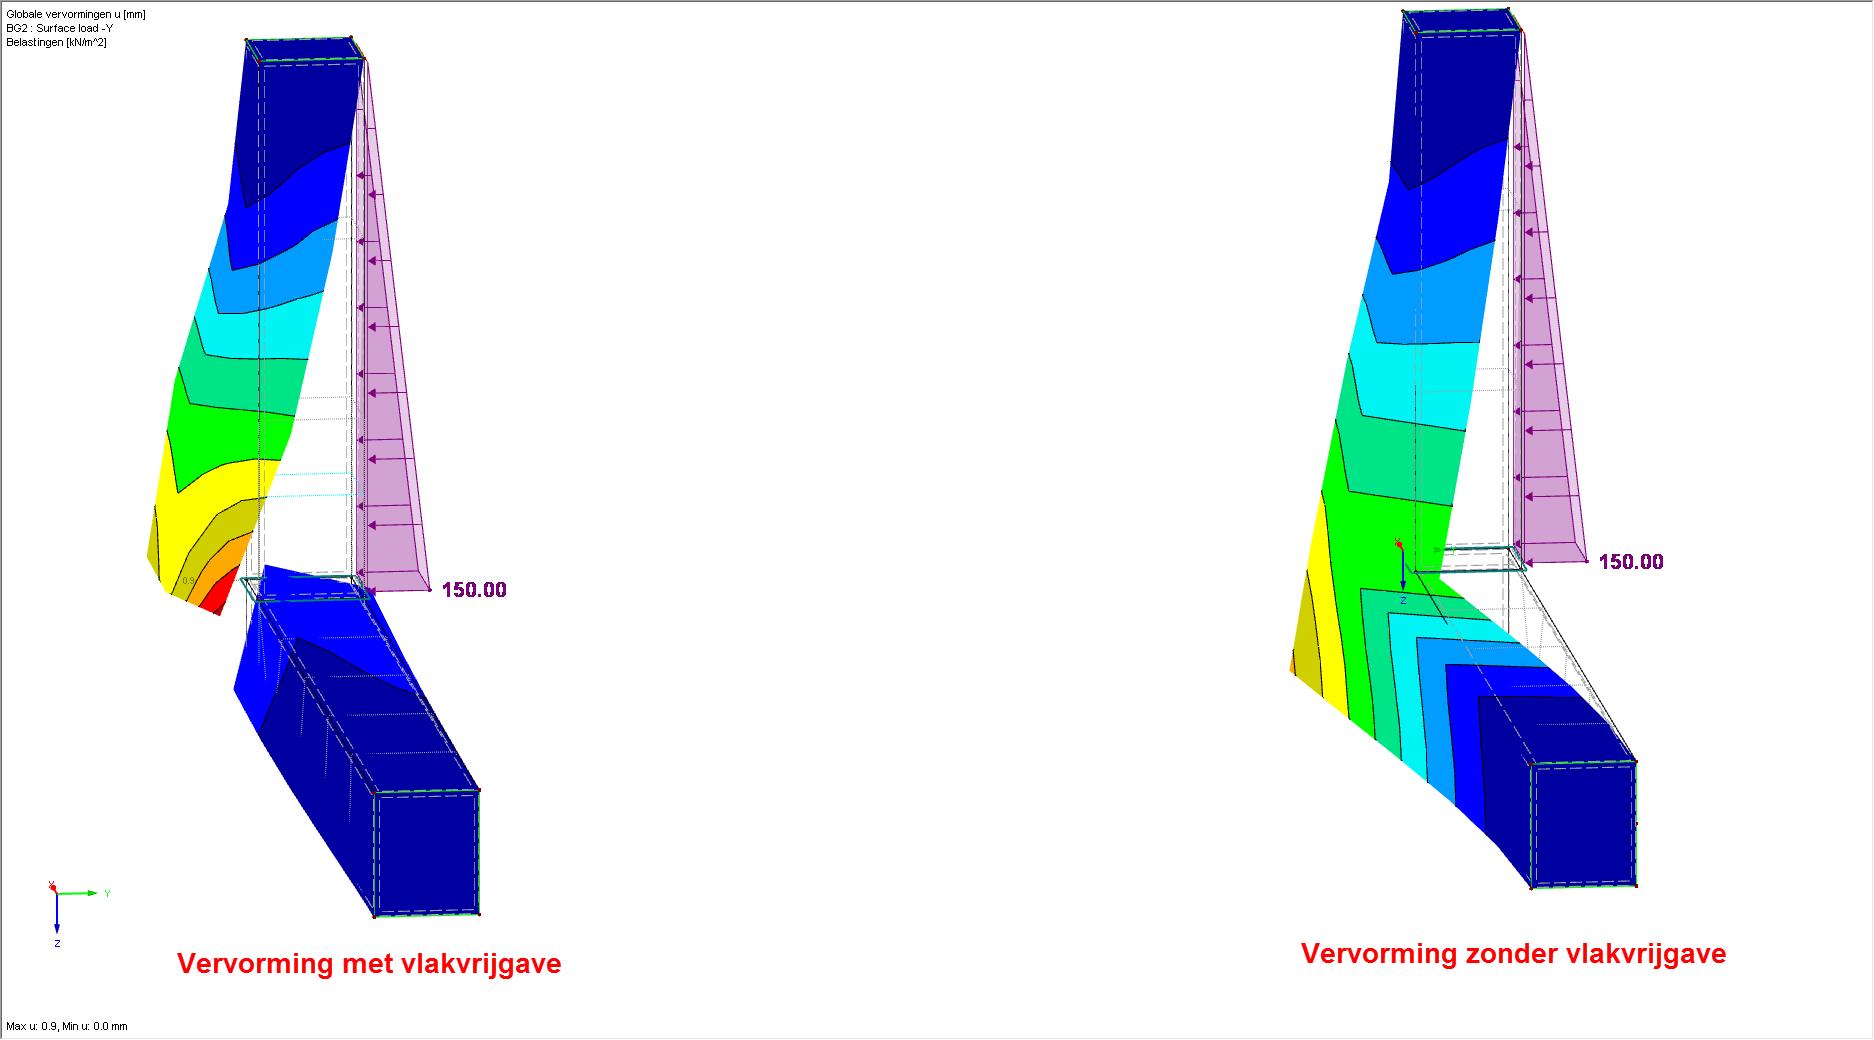 vervormingen vlakvrijgave 3D geen krachtsoverdracht in RFEM rekensoftware